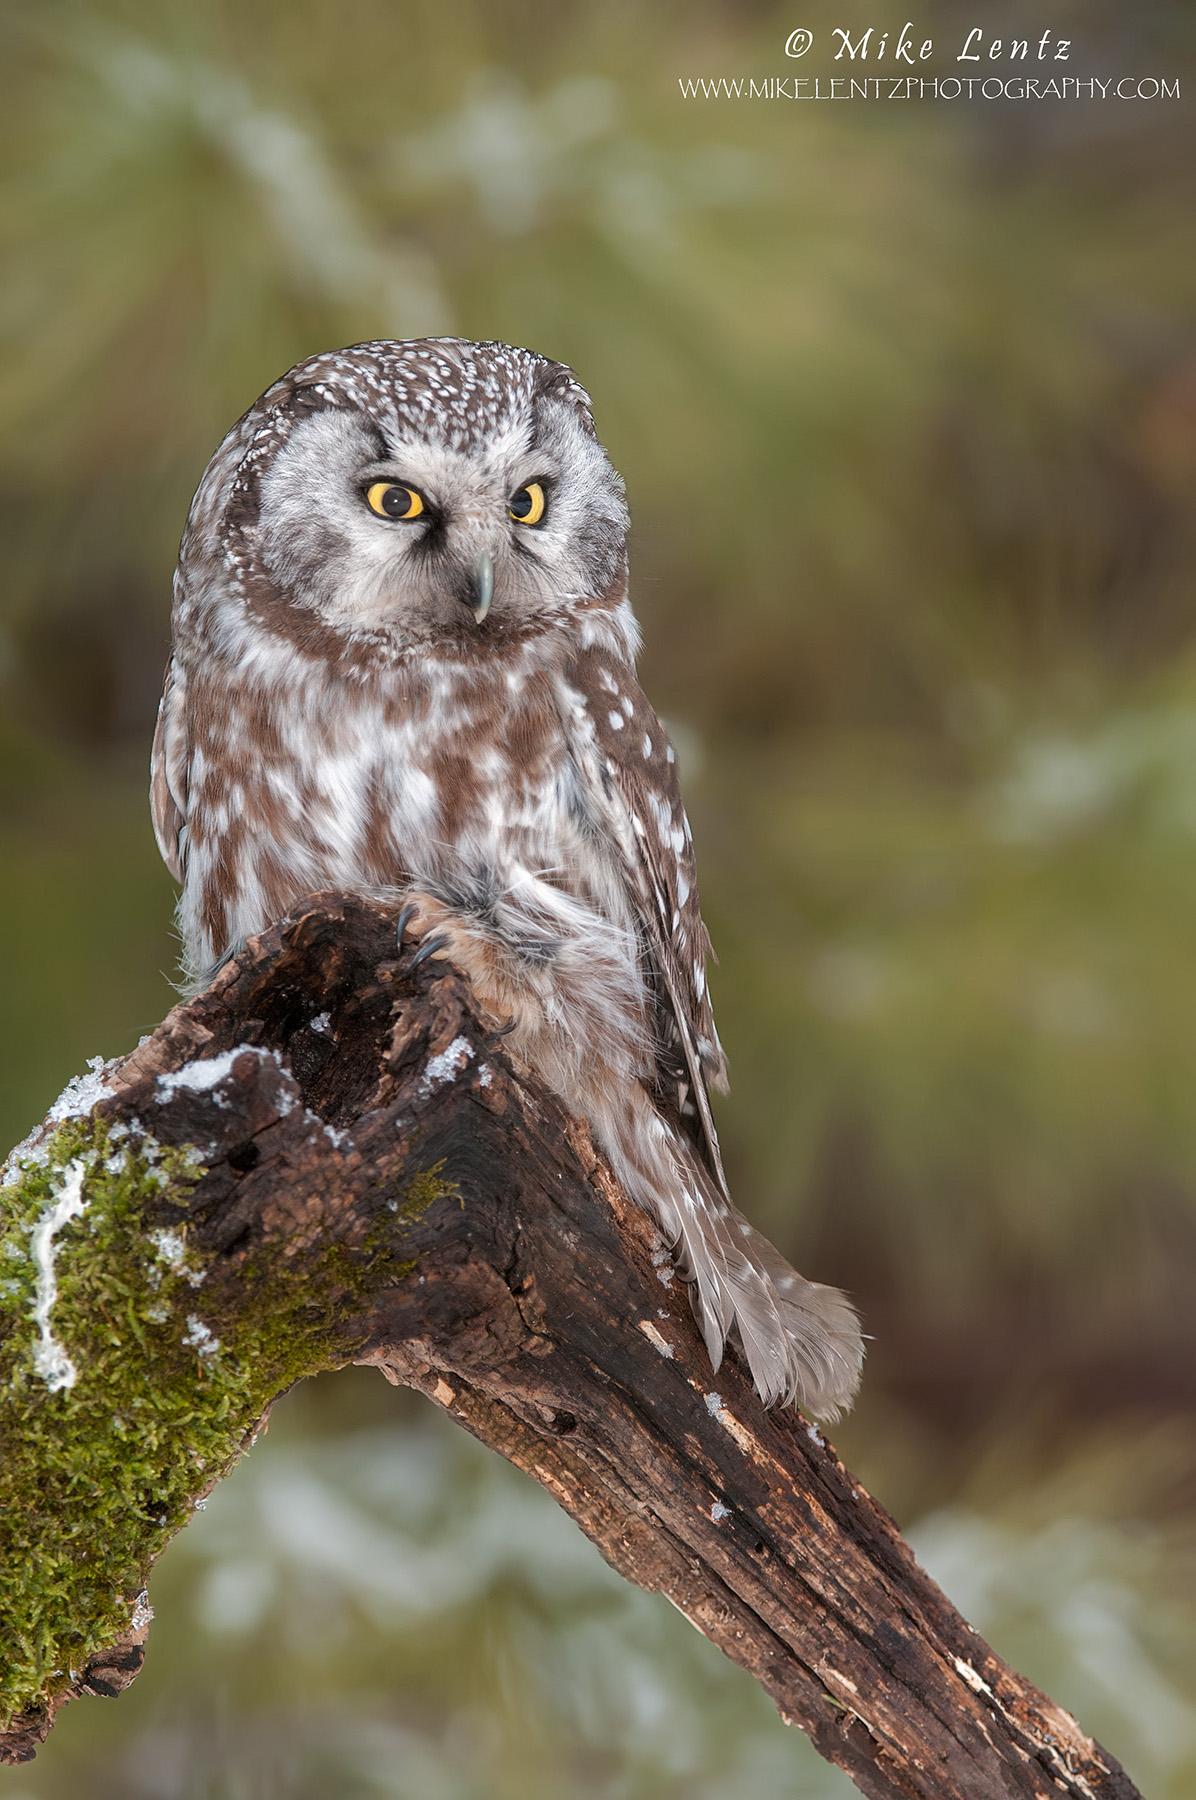 Boreal Owl on mossy log